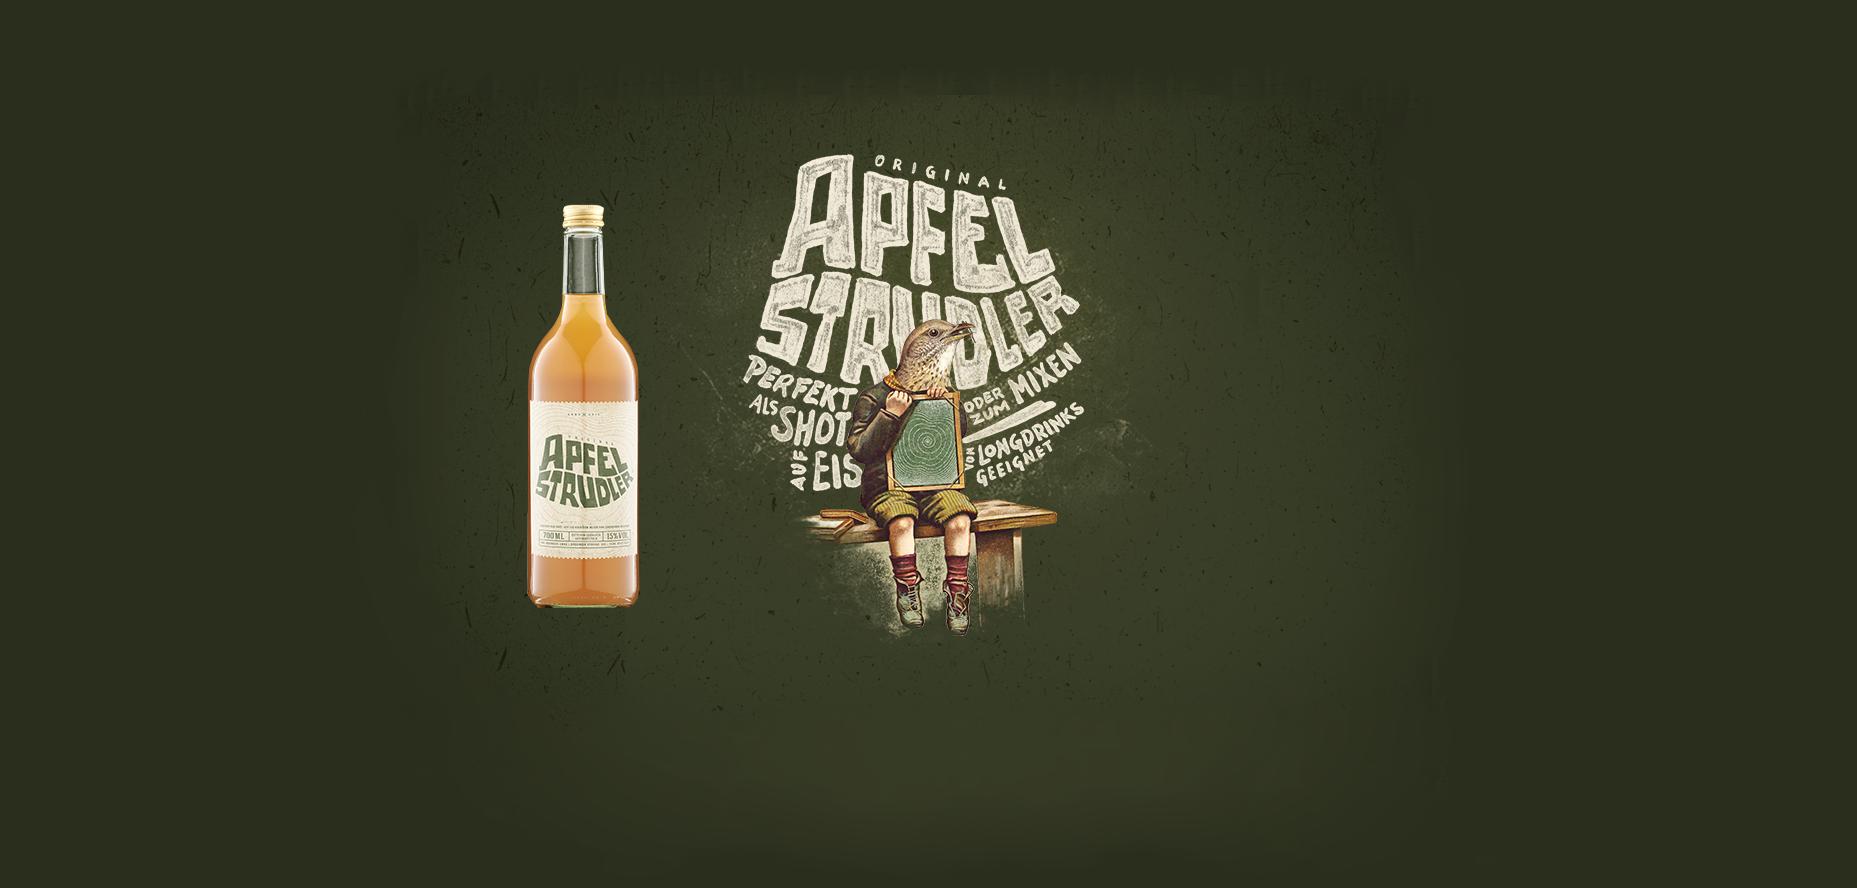 Strudlerquellen - Apfelstrudler - Das Original